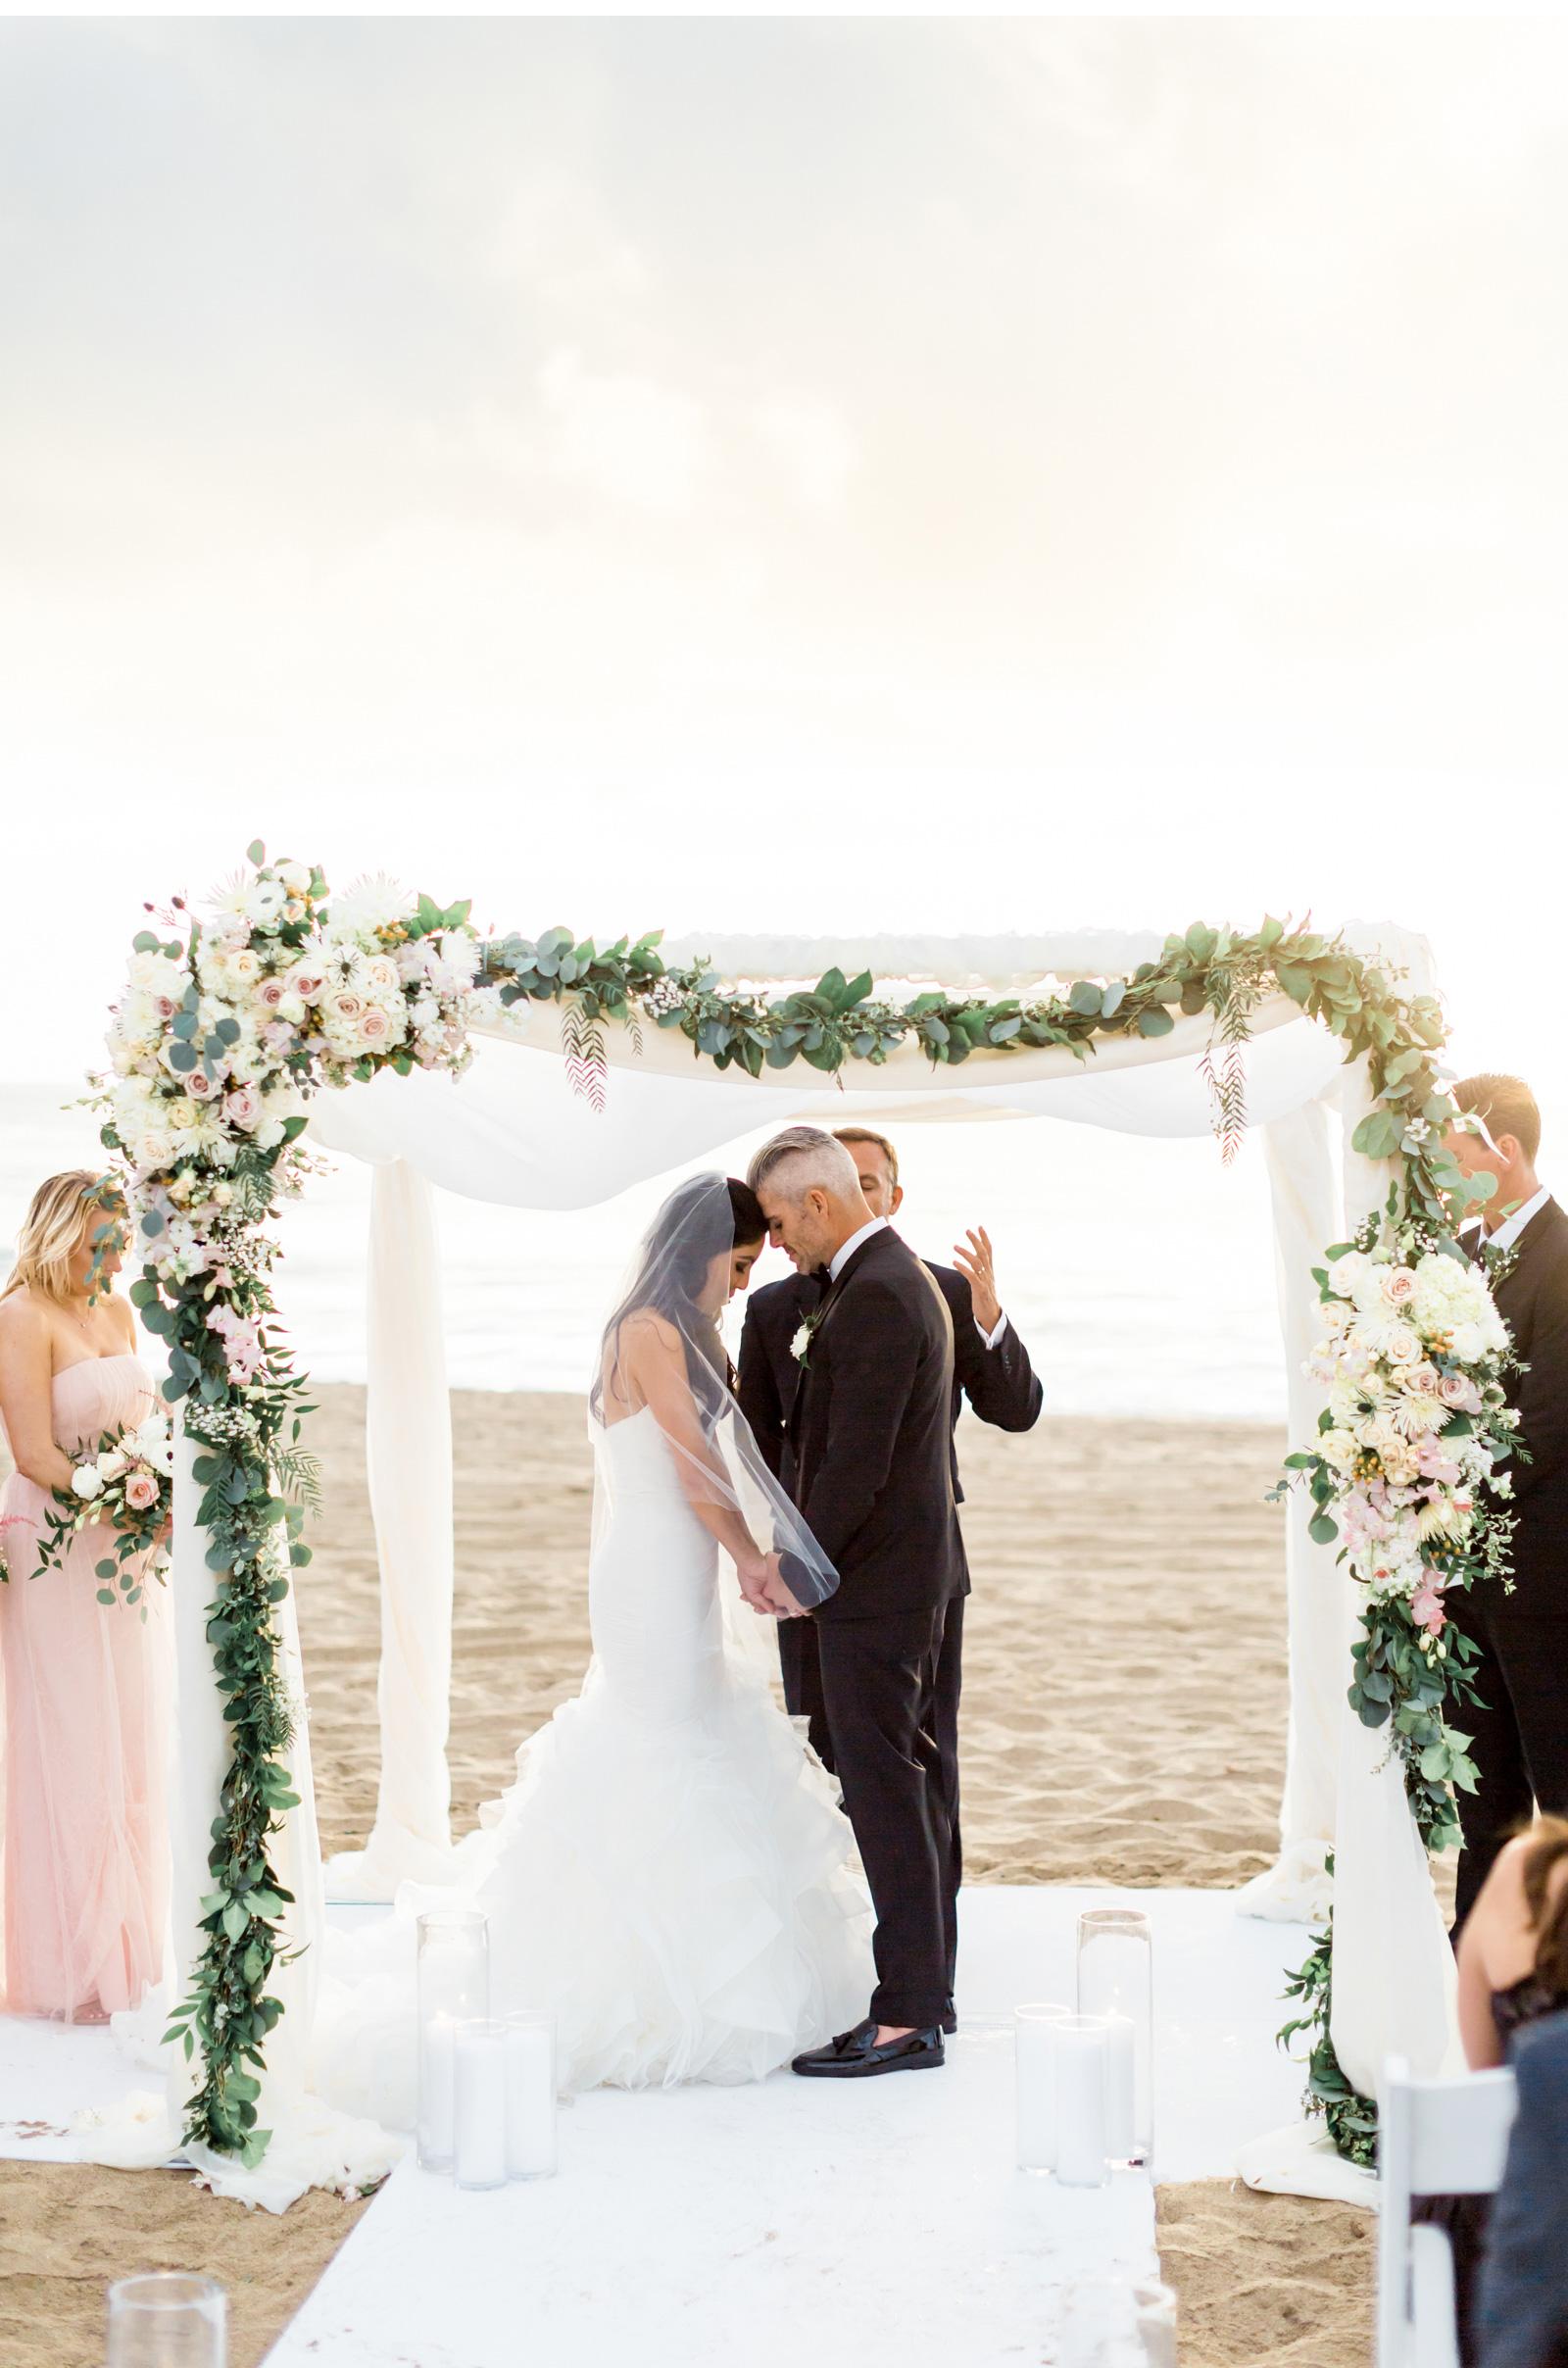 Southern-California-Fine-Art-Wedding-Photographer-Natalie-Schutt-Photography_09.jpg